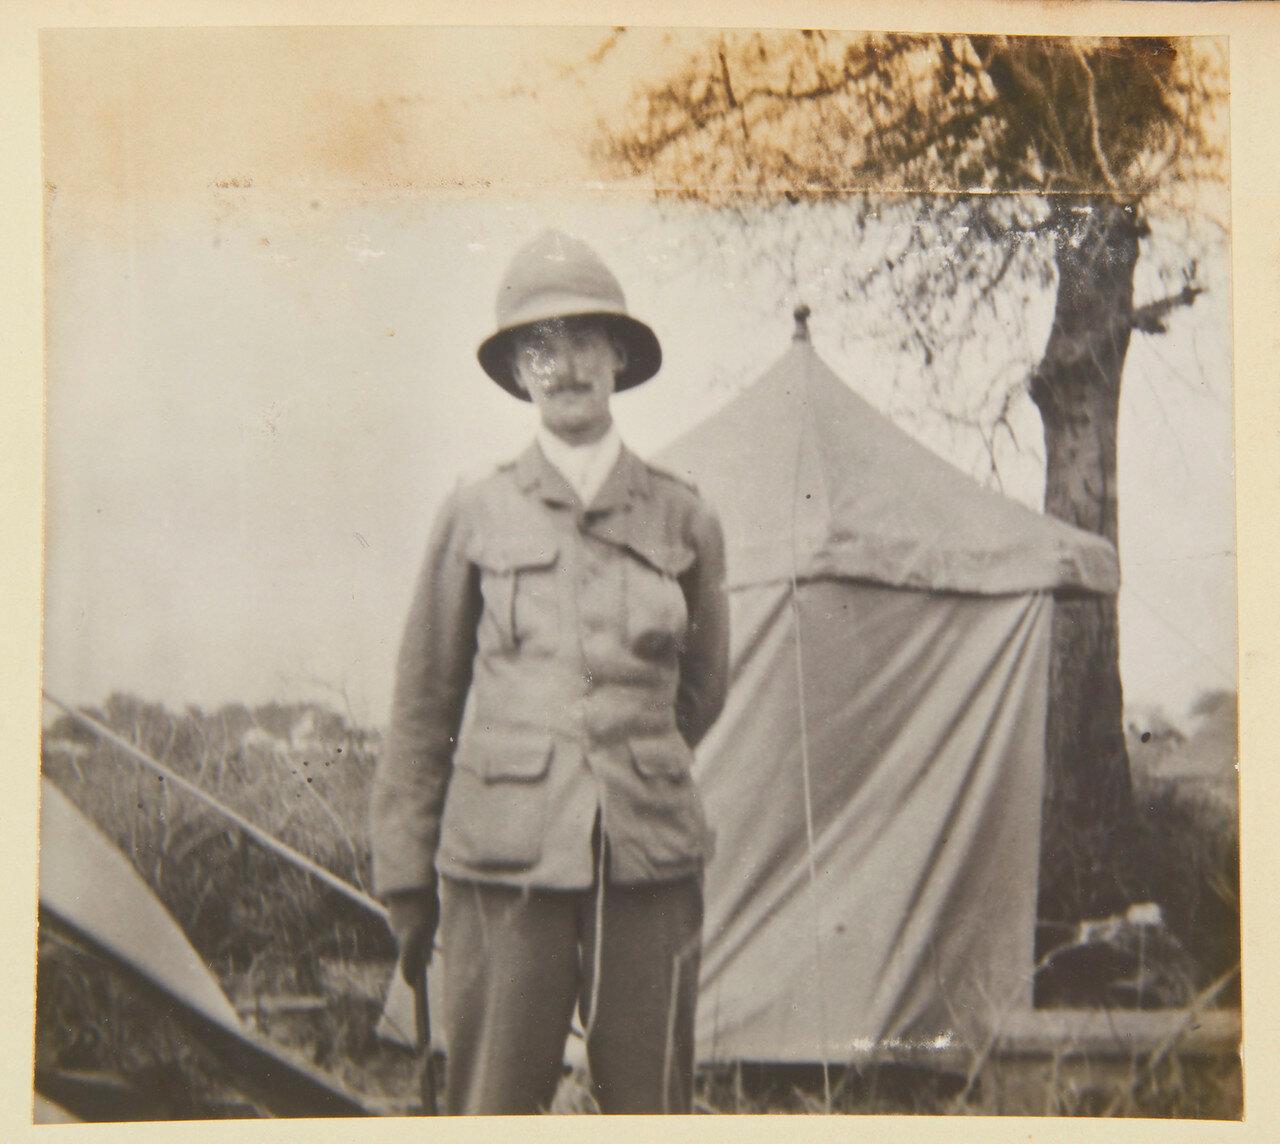 Август 1898. Полковник Джон Стюарт-Мюррей, 8-й герцог Атолл (1871-1942) тогда Маркиз Туллибардин, Королевская конная гвардия